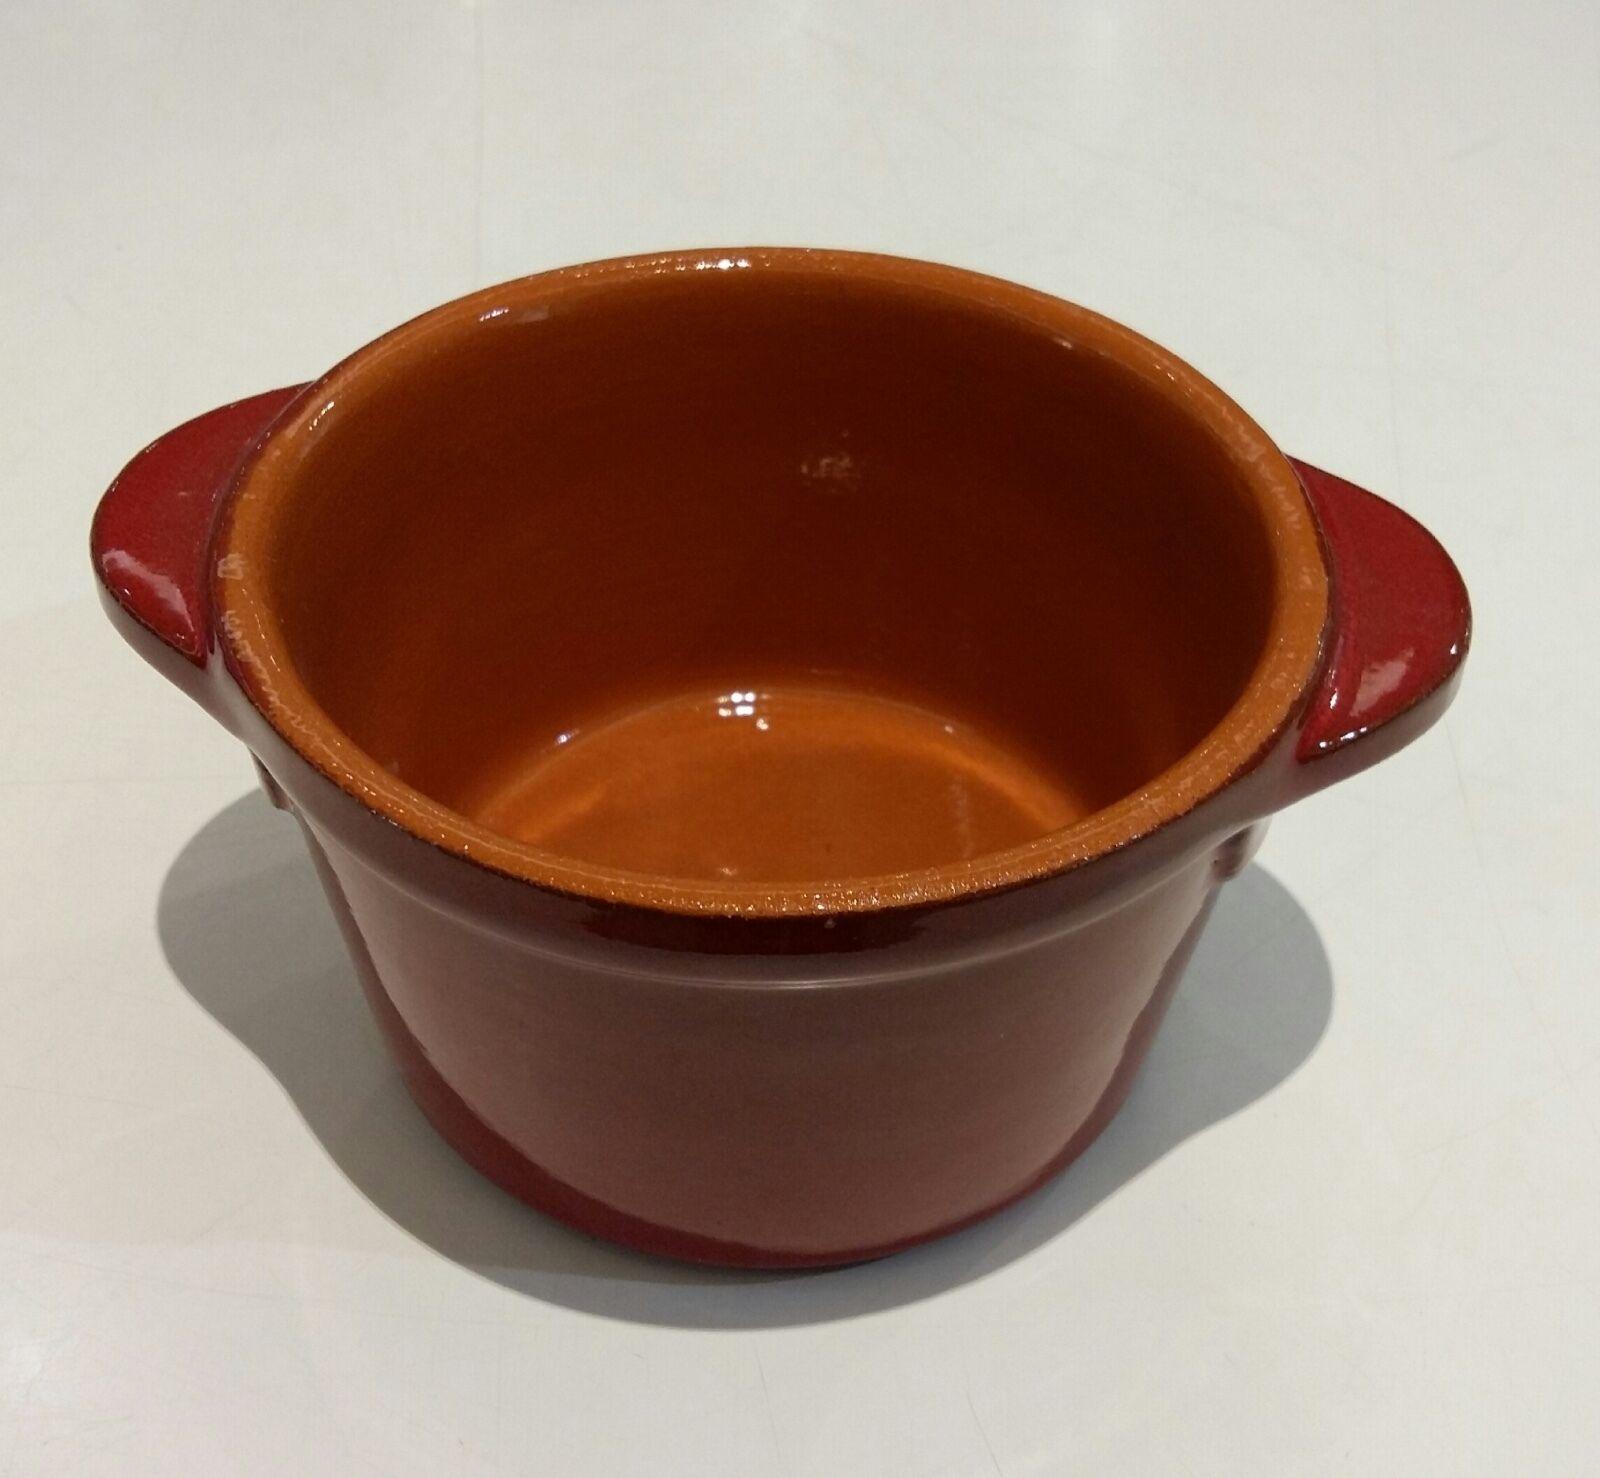 Piral - Série 1870 - 12 Umidini Américain Rouge cm 12 Terre cuite - Revendeur